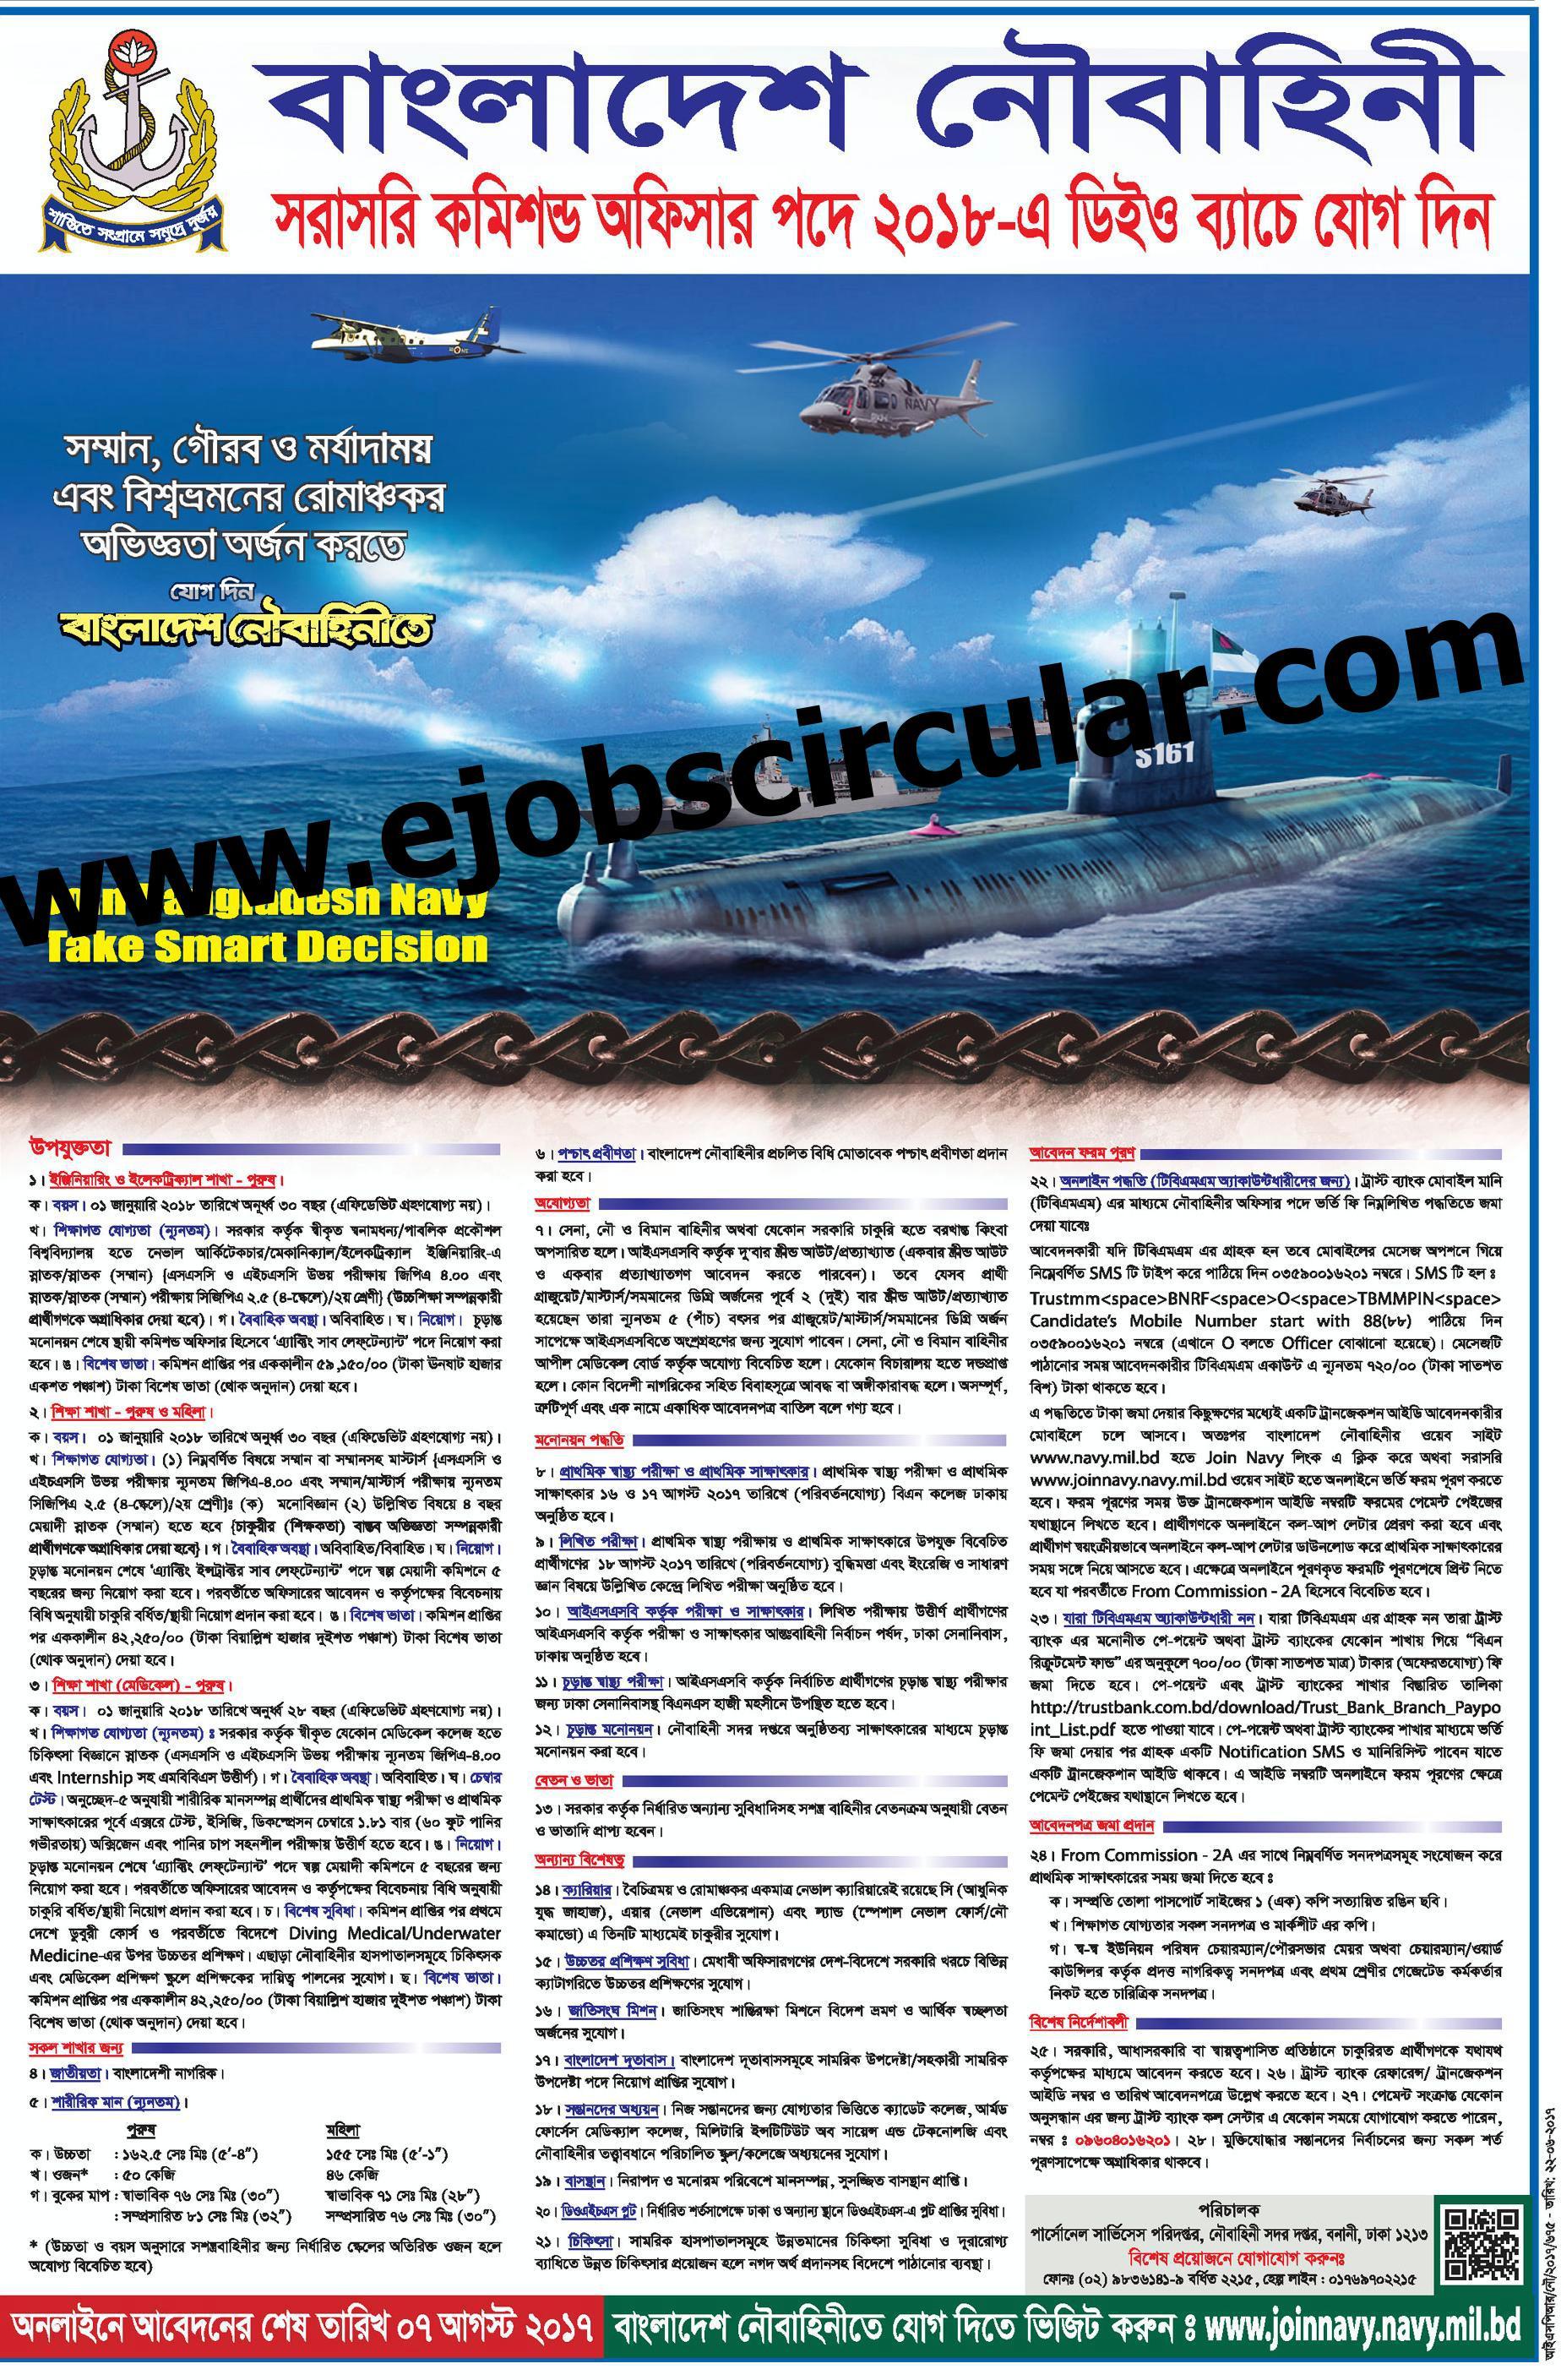 Bangladesh Navy Jobs Circular in July 2017